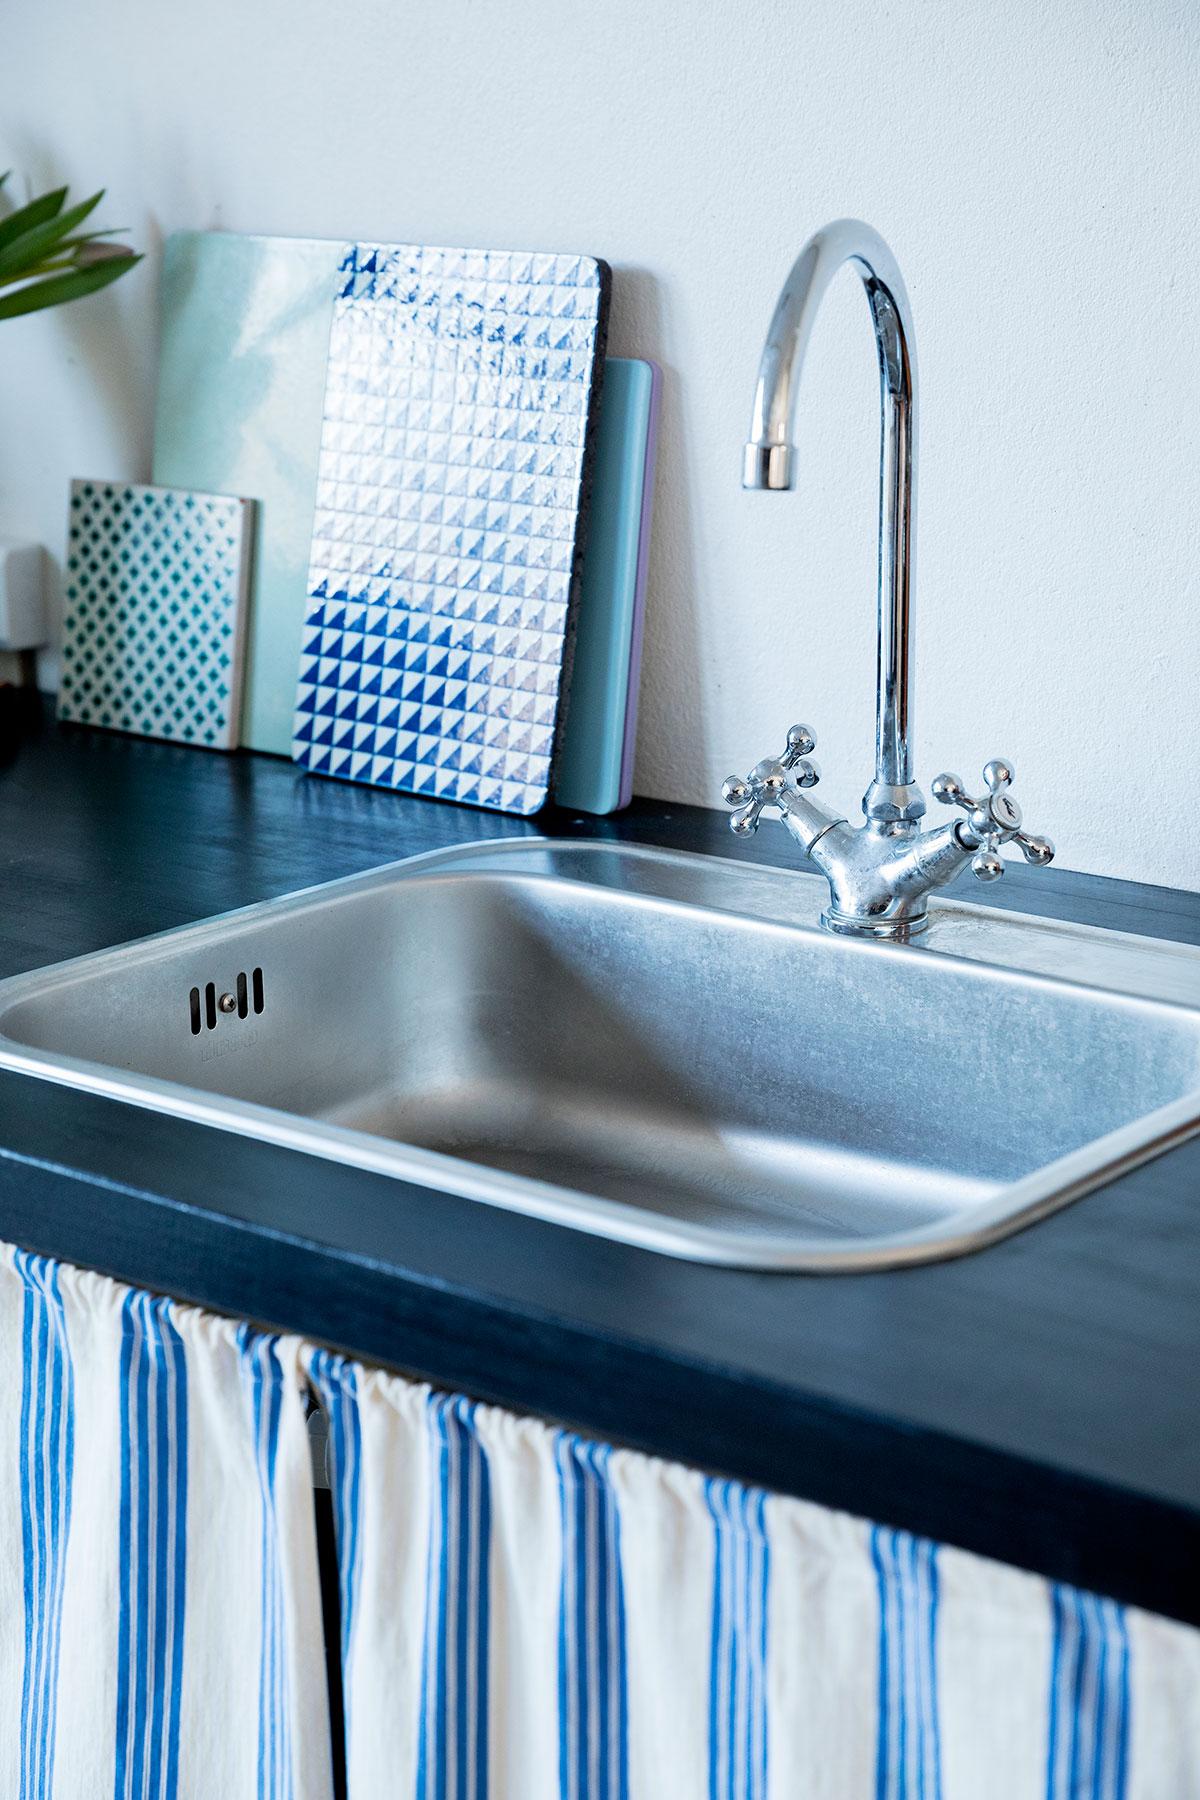 køkkenbord og vask i sommerkøkkenet